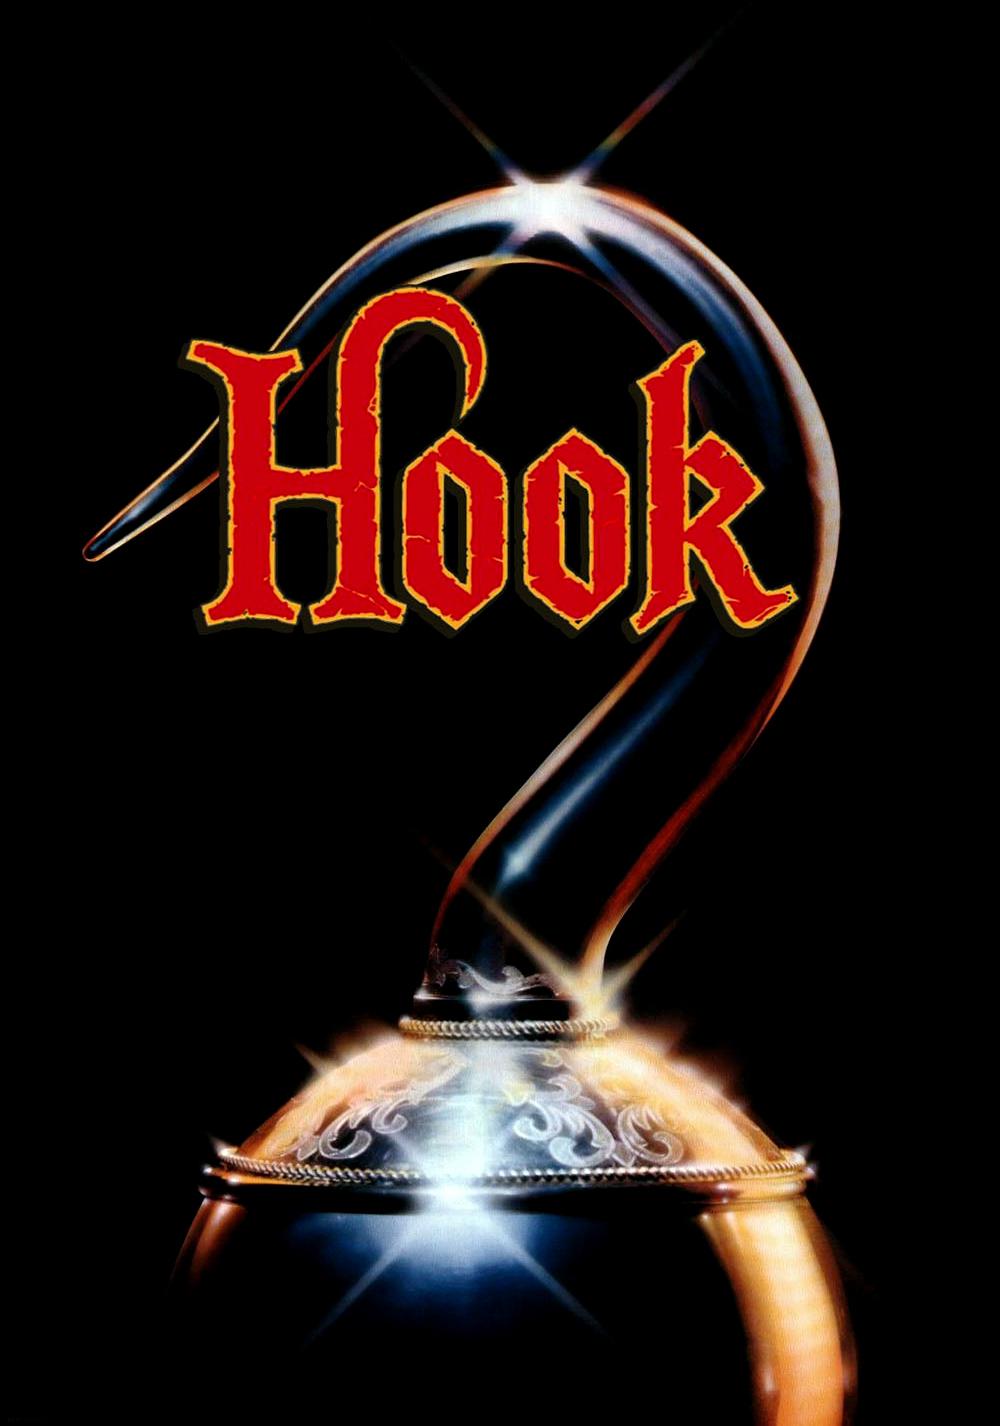 Hook Film